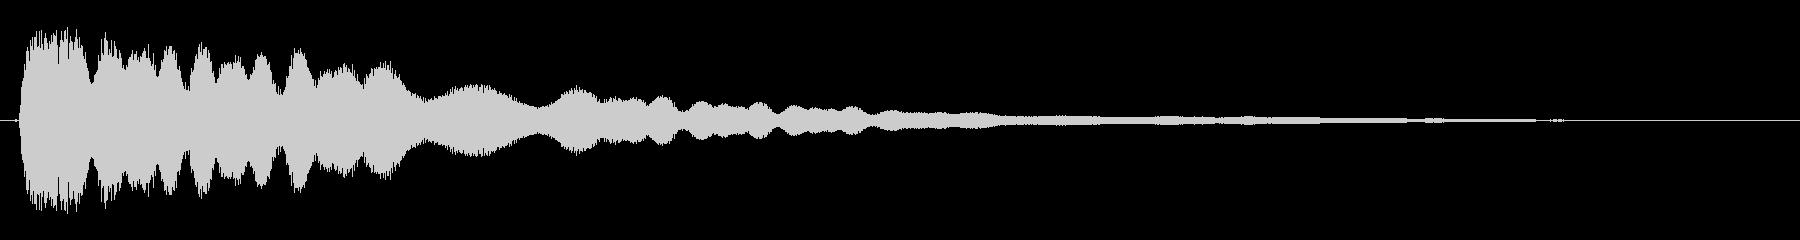 キーン(幻想的な高音)の未再生の波形